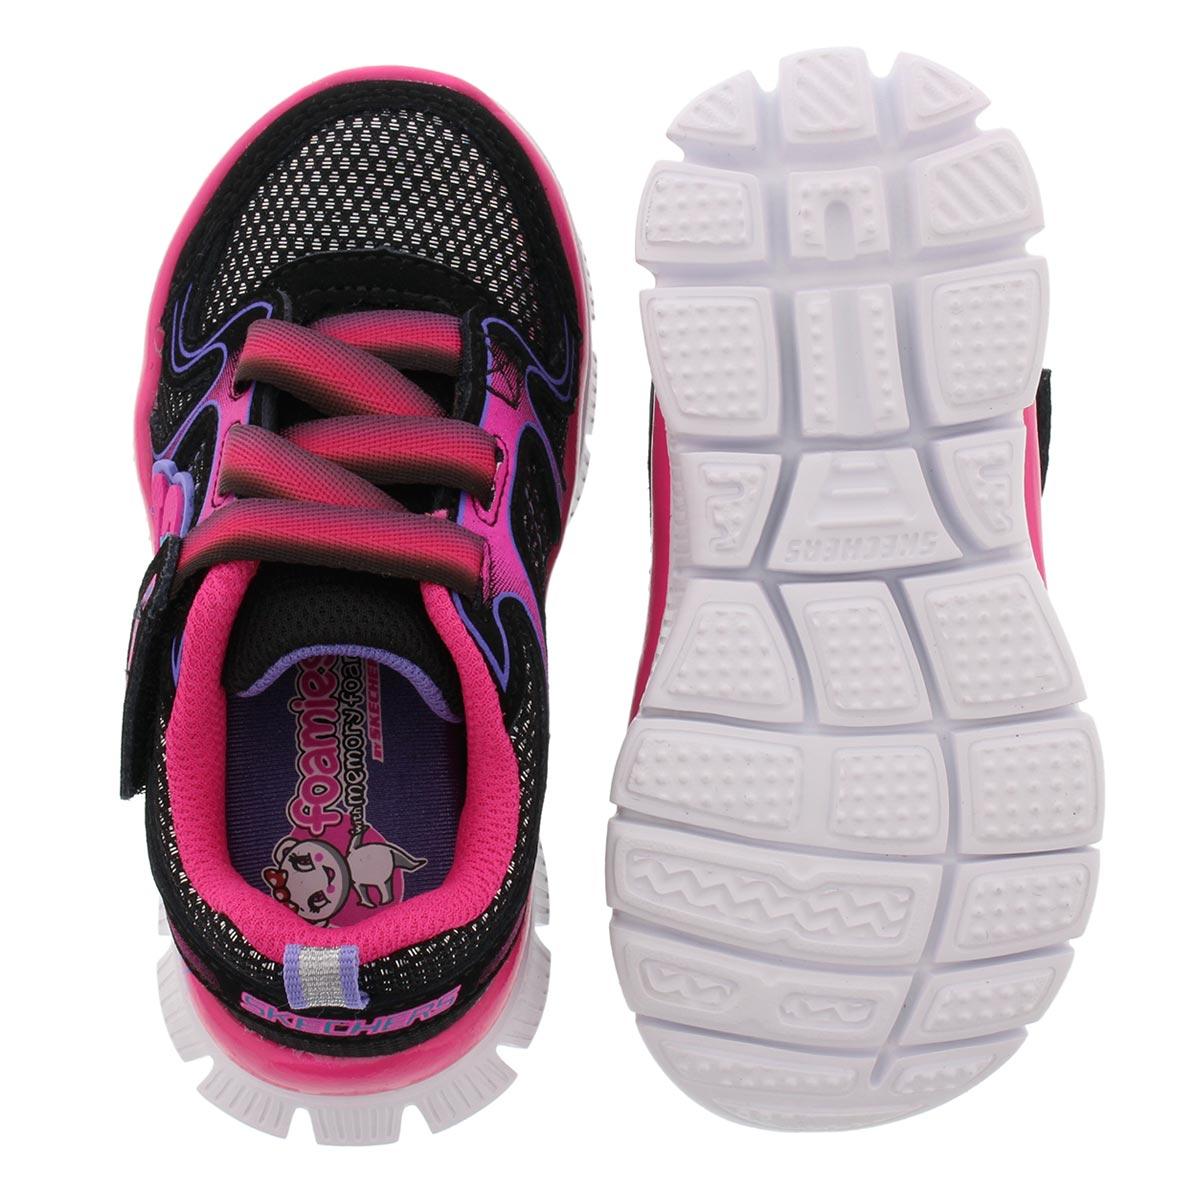 Inf Skech Appeal blk/pnk sneaker